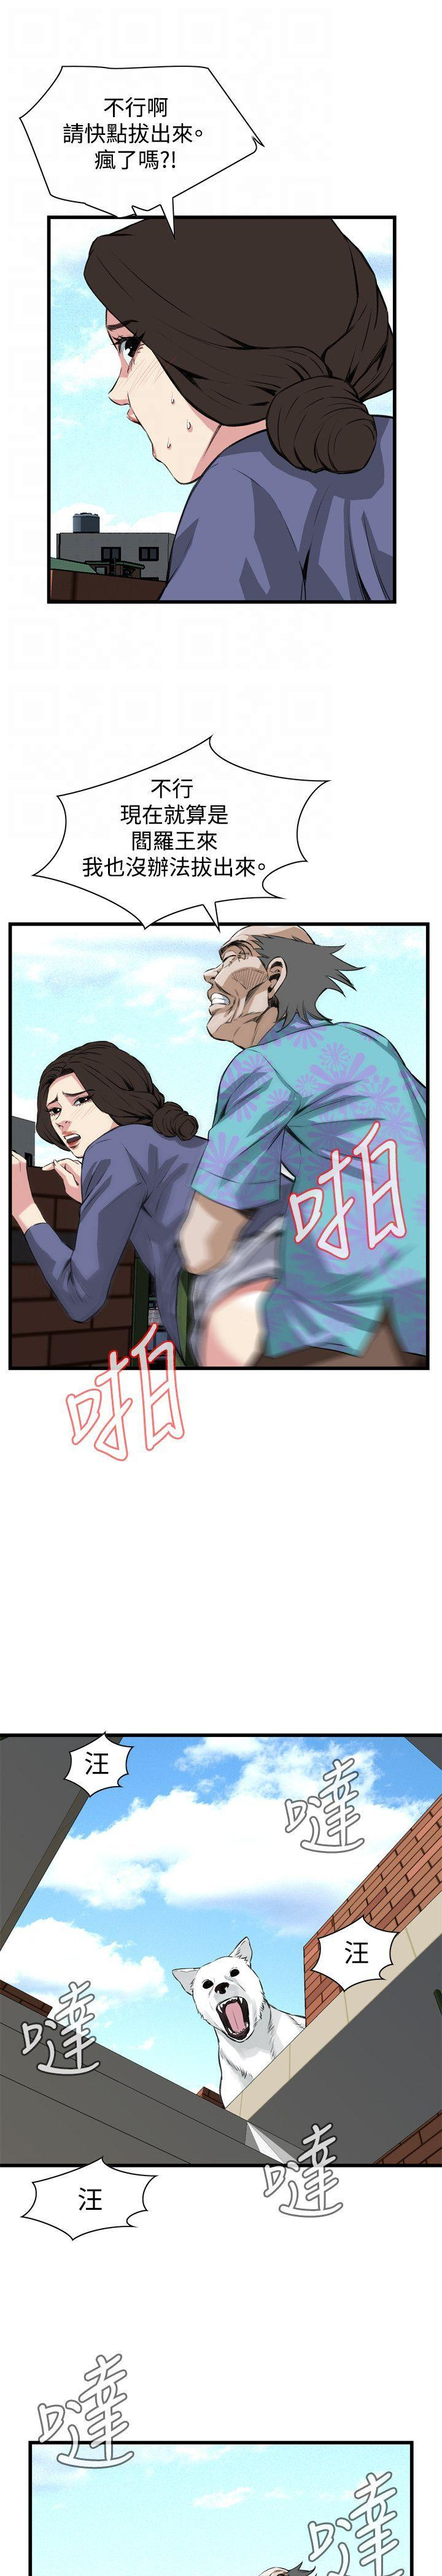 偷窥72-93 Chinese Rsiky 149